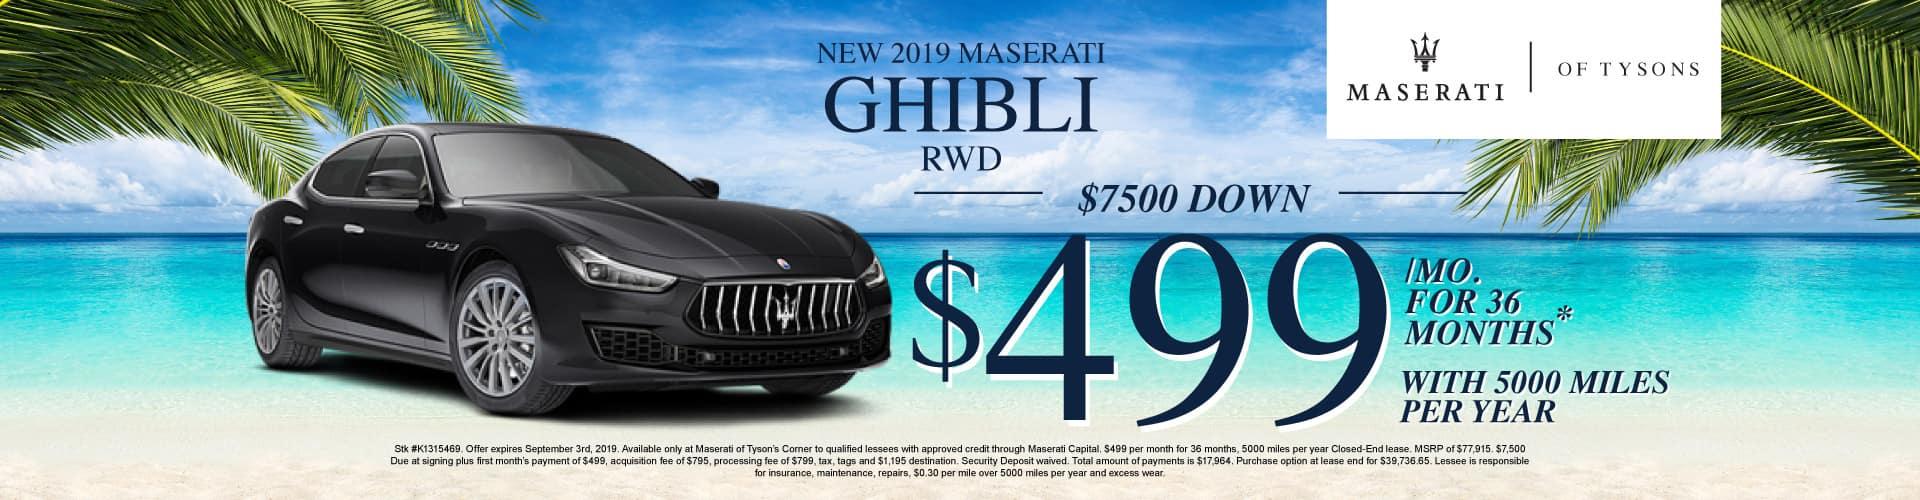 Ghibli RWD Lease Specials